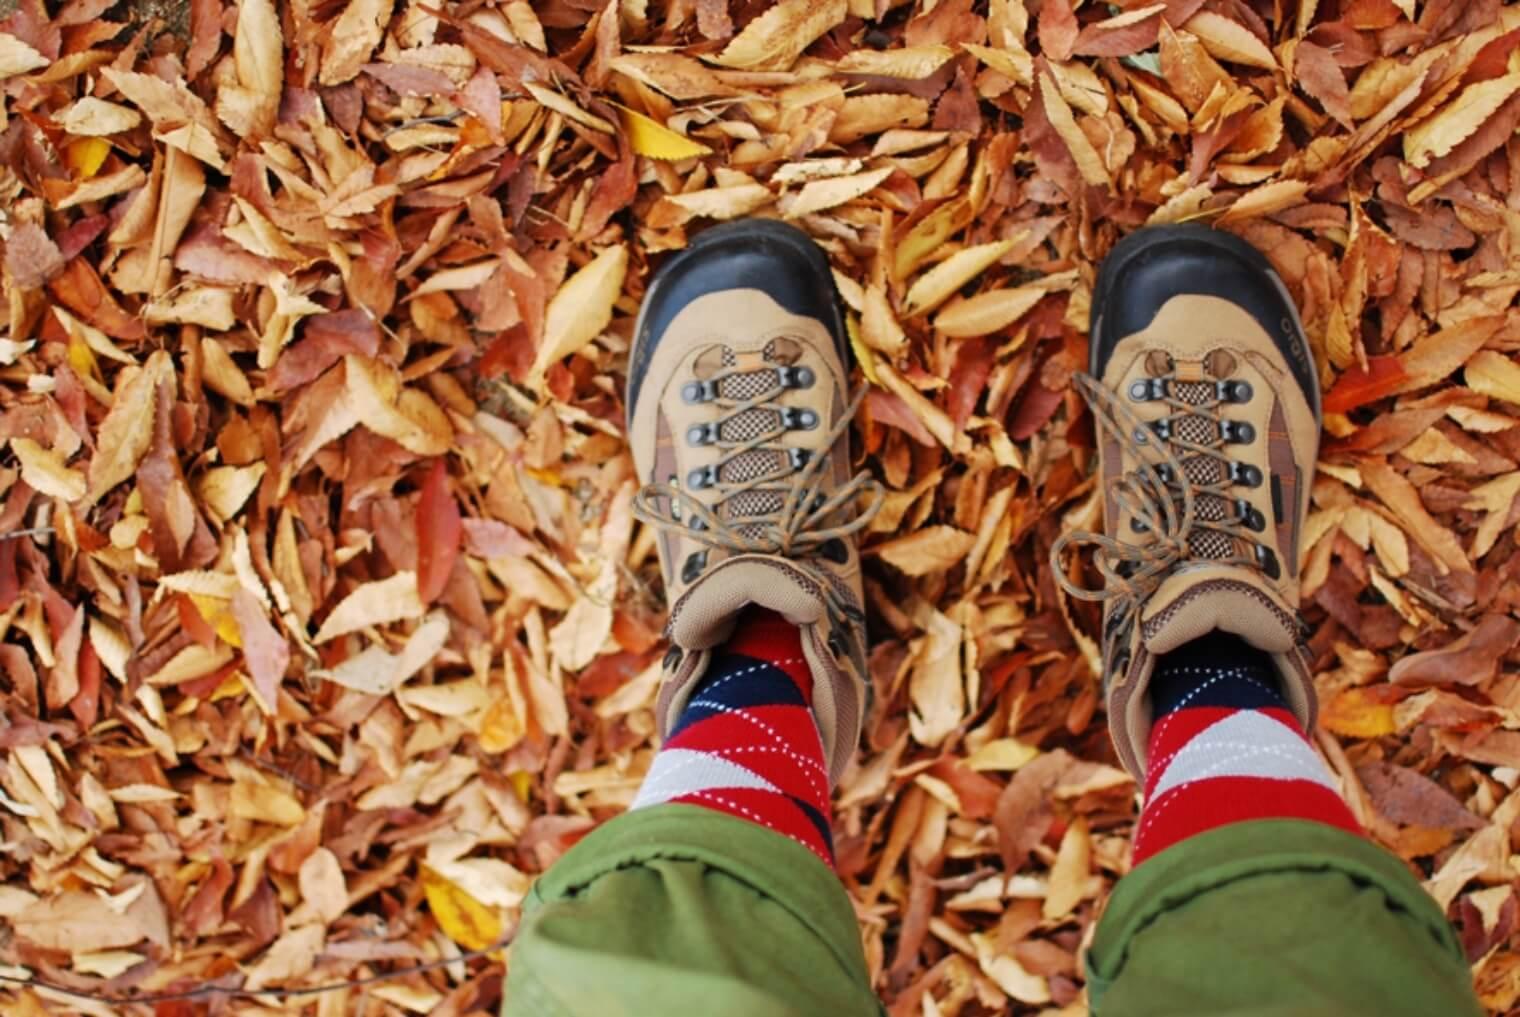 使った後の登山靴はどうするのがベスト?メンテナンスと保管方法とは